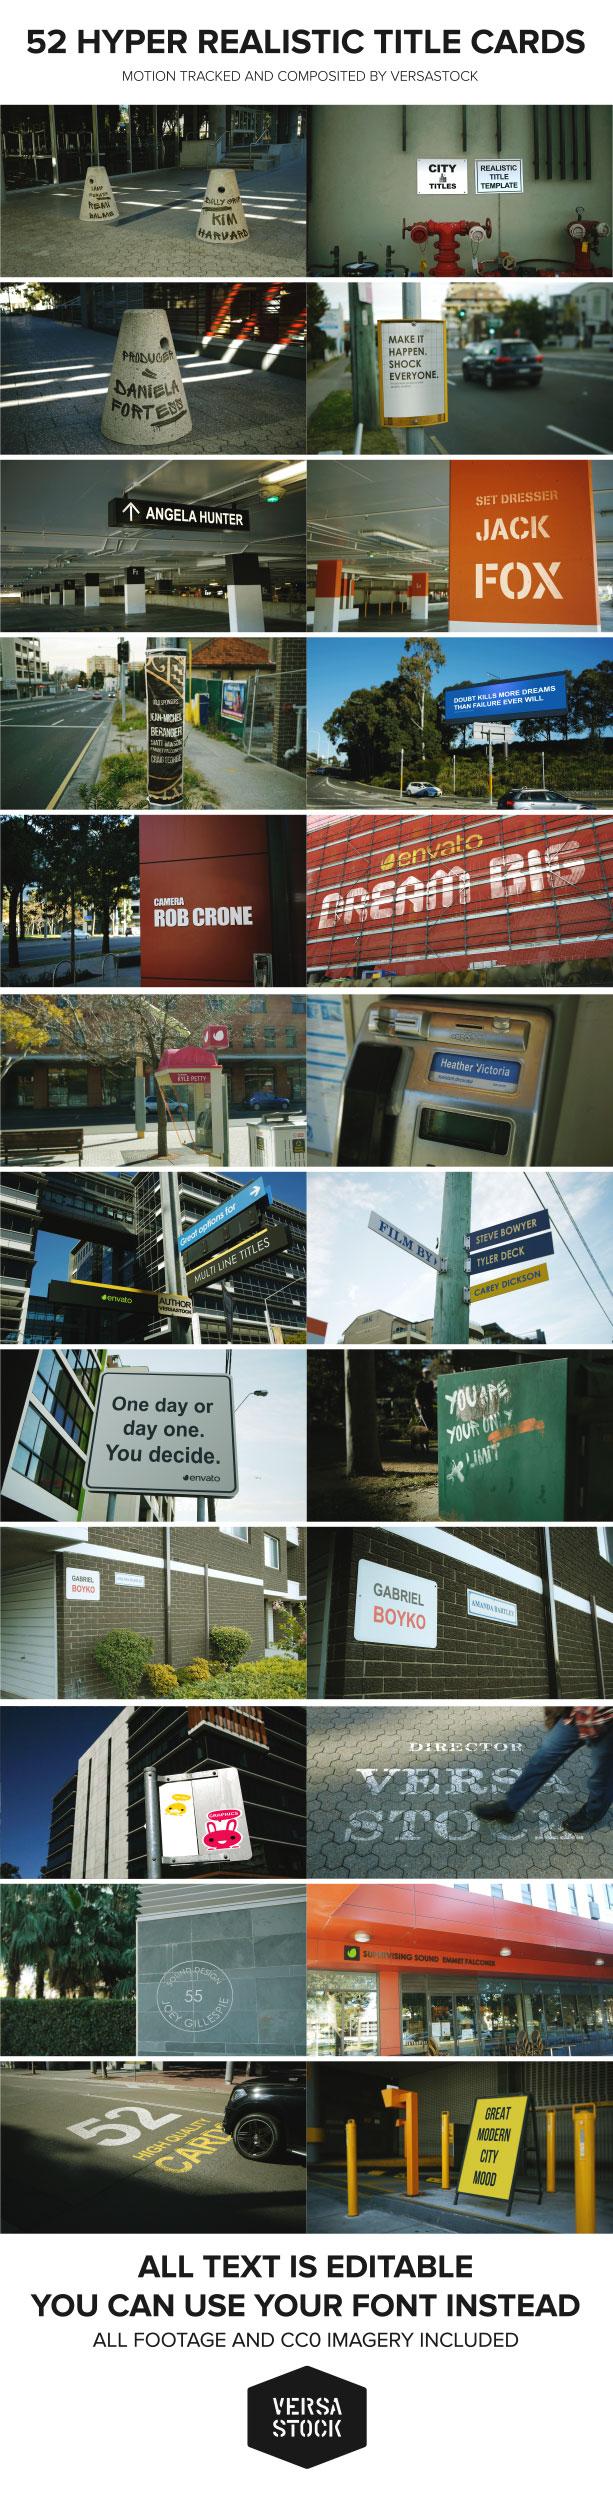 پروژه افترافکت نمایش واقعگرایانه عناوین در شهر